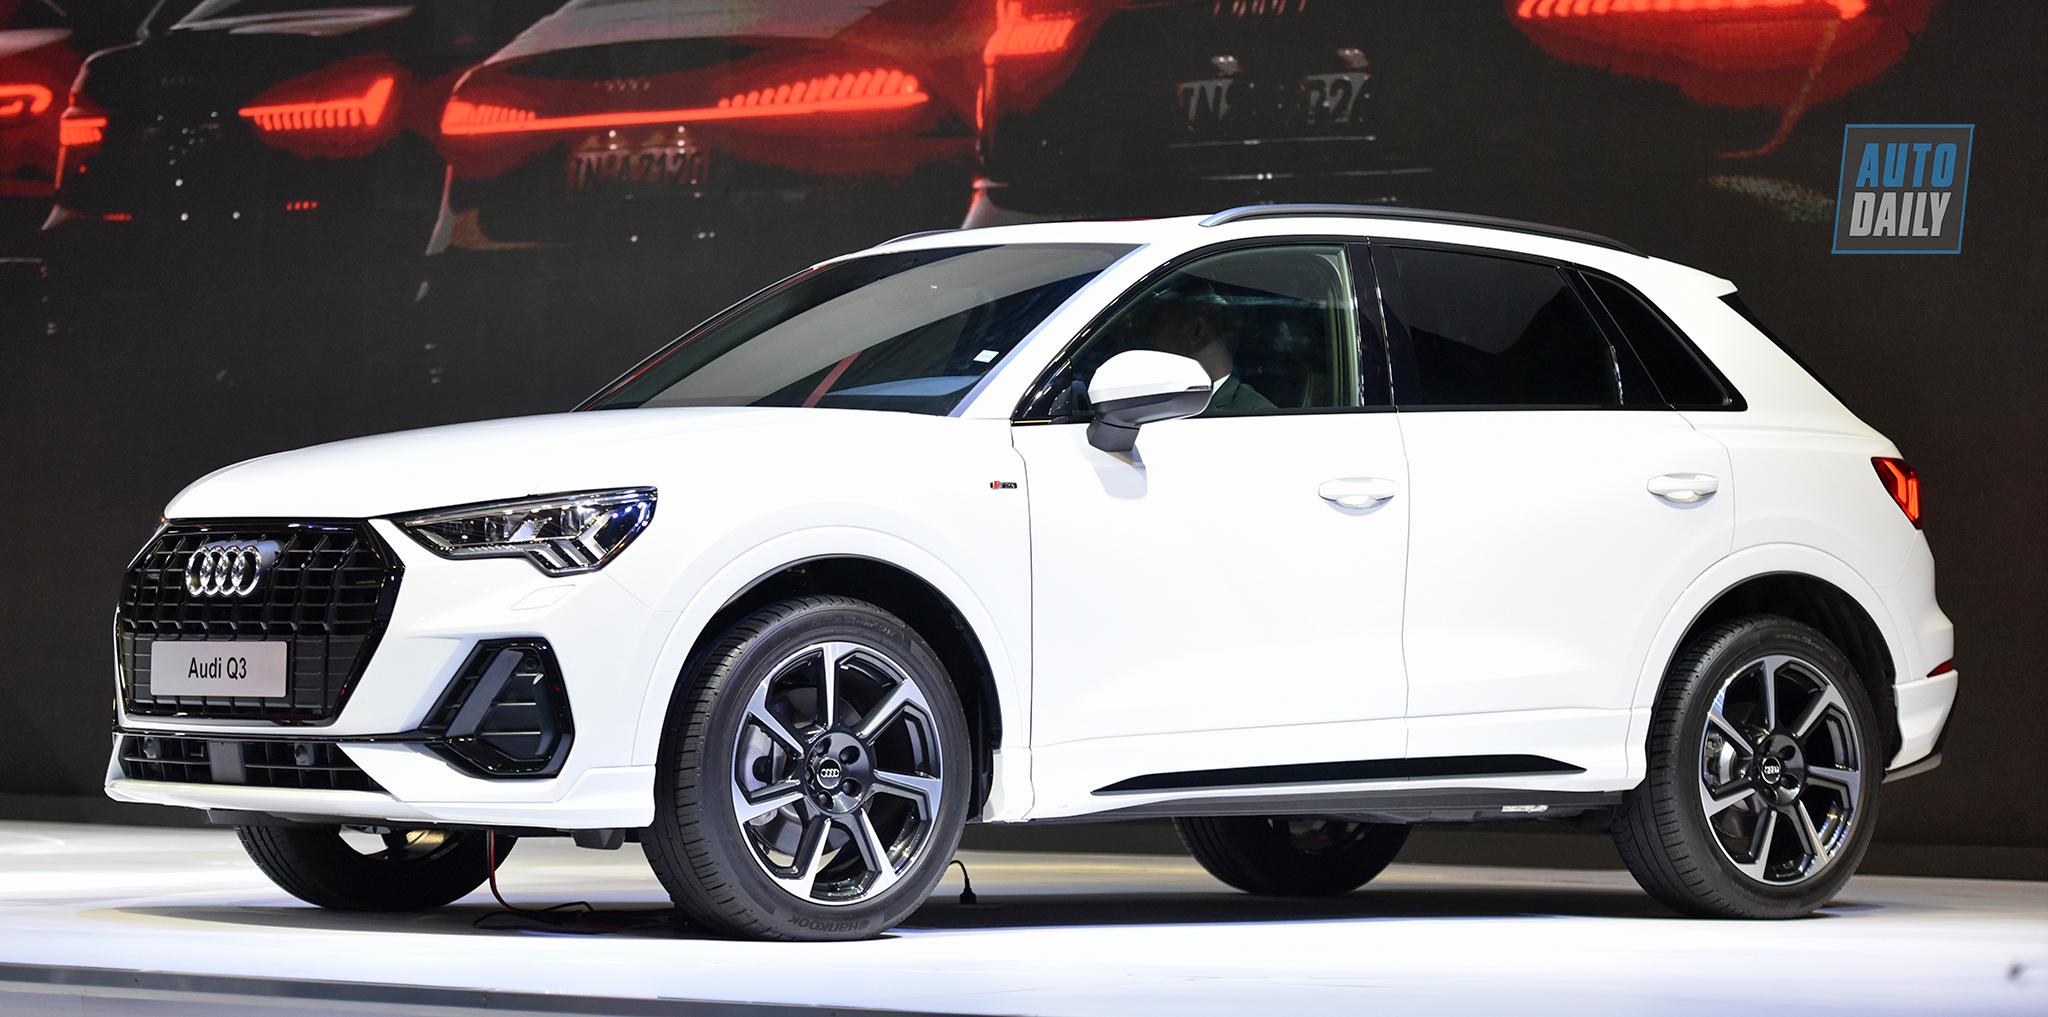 Soi kỹ Audi Q3 2019 tại Triển lãm Ô tô Việt Nam 2019